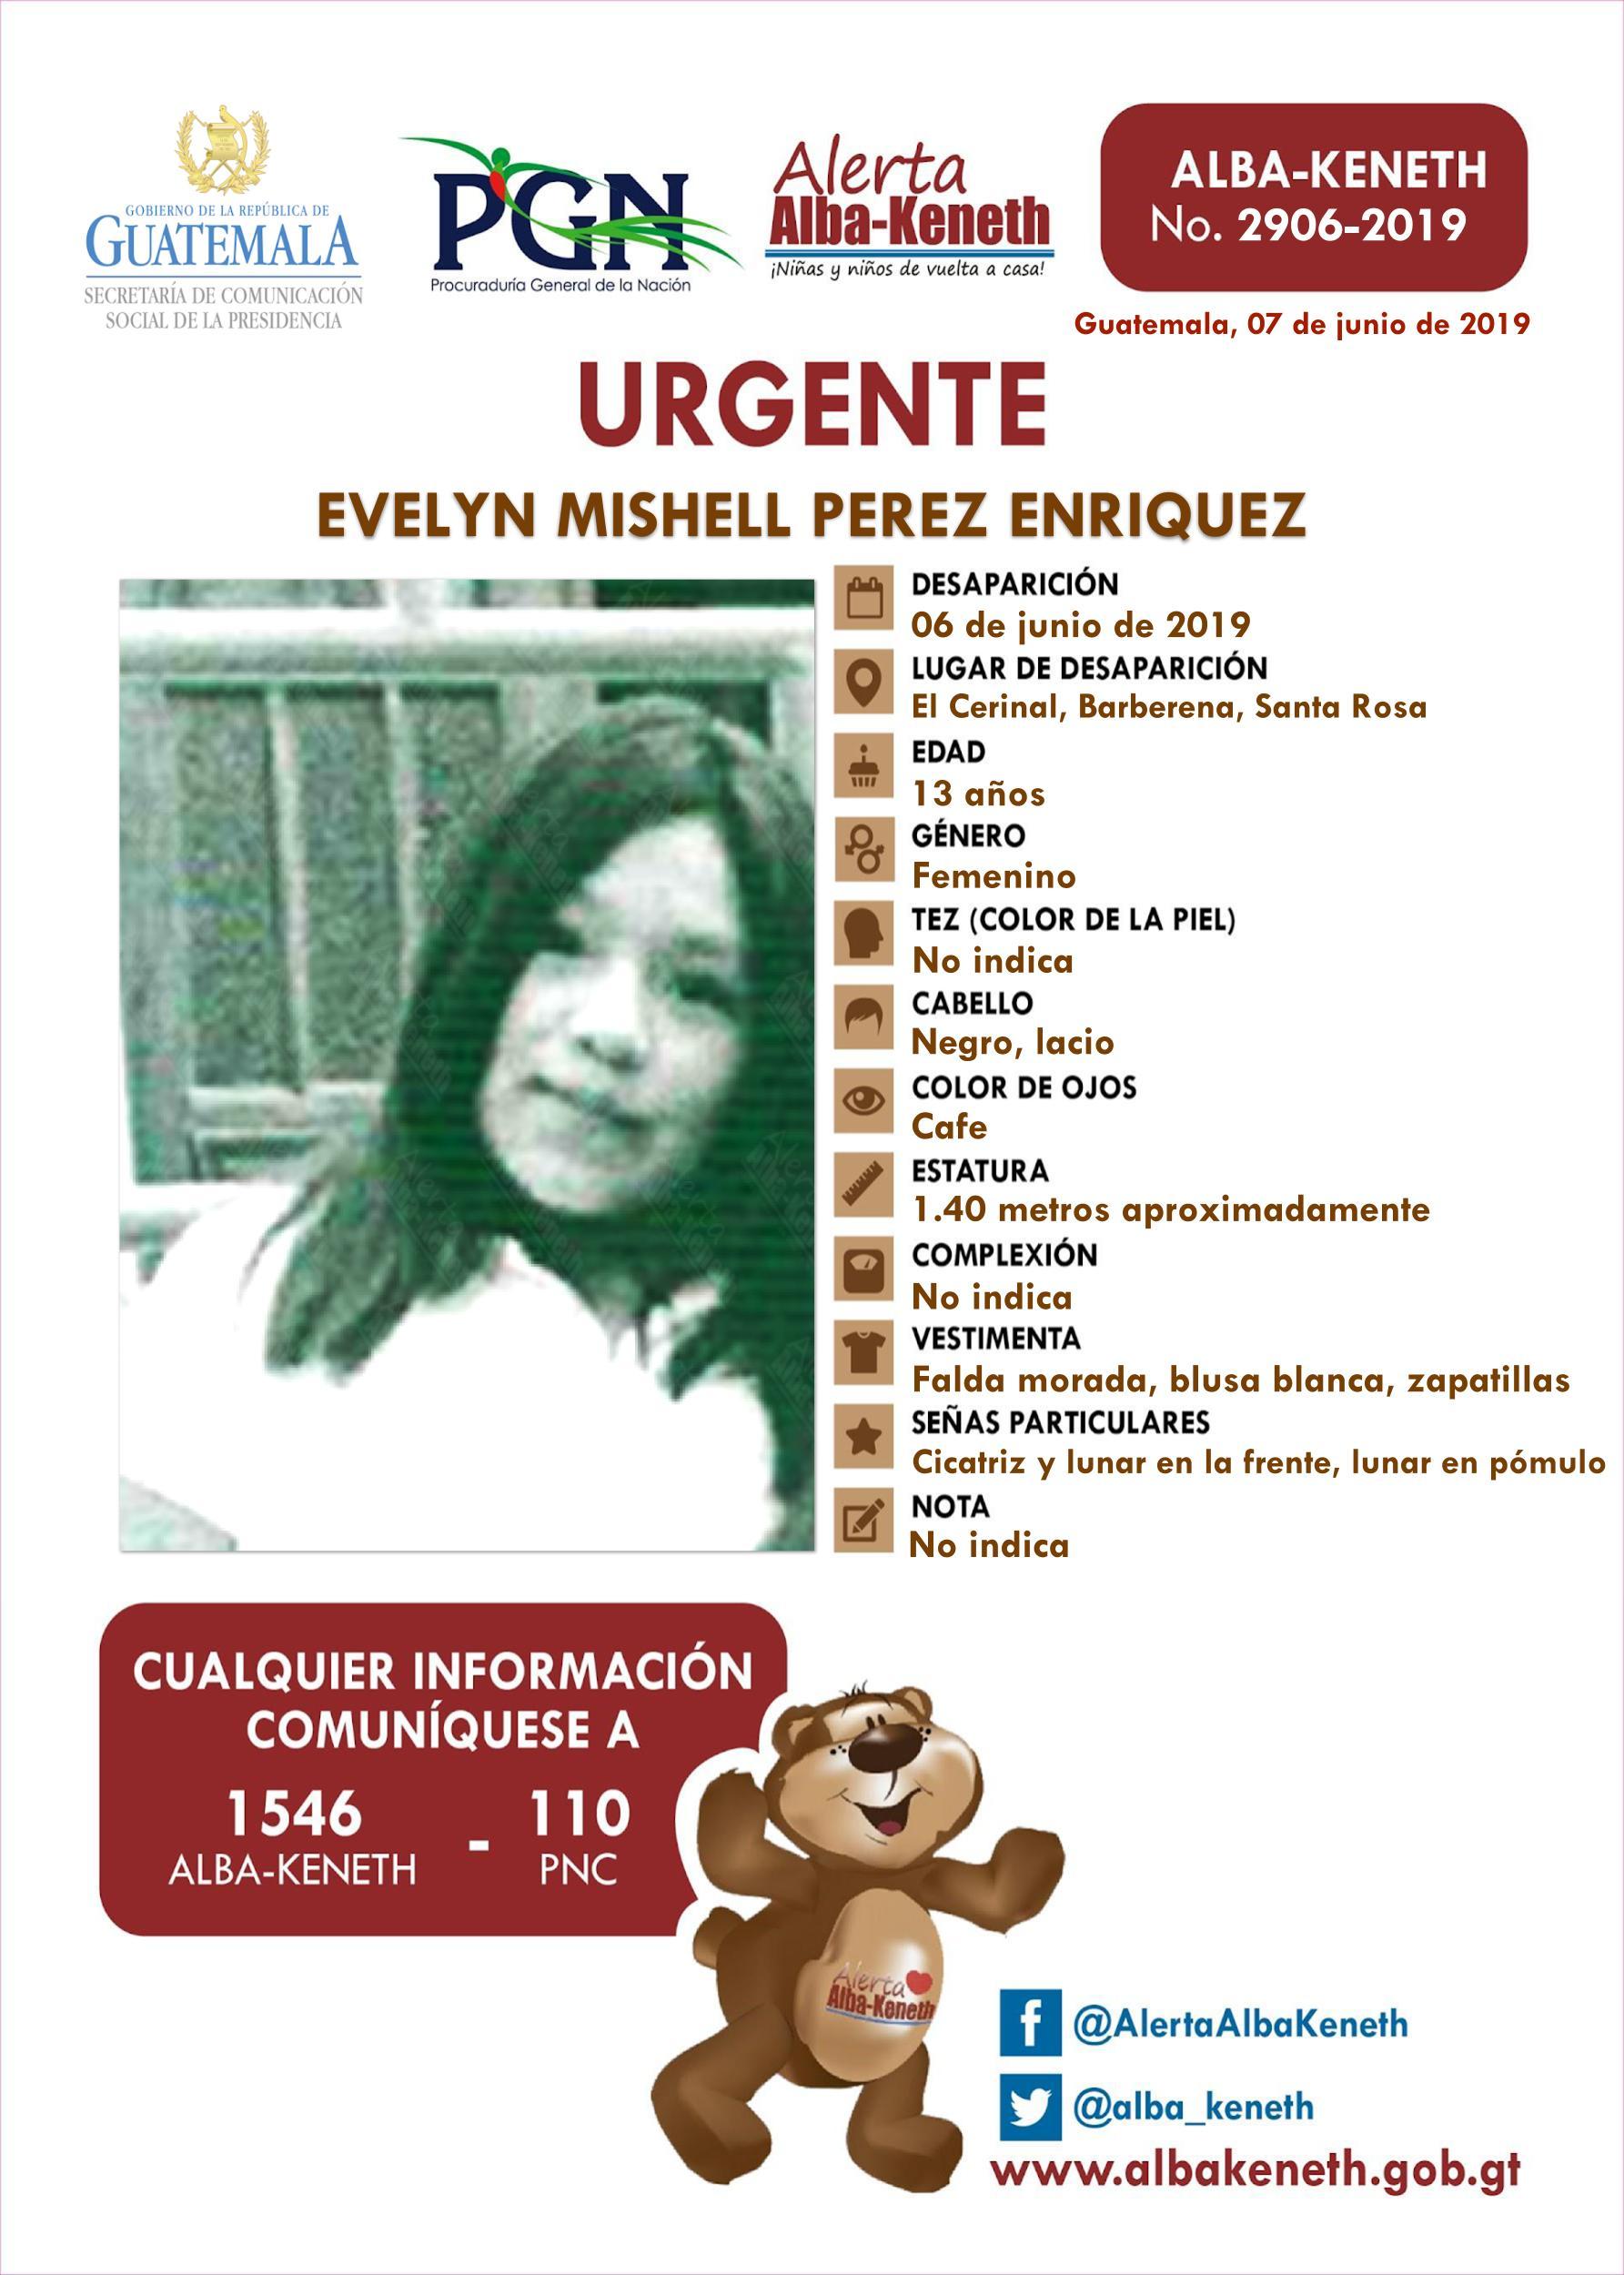 Evelyn Mishell Perez Enriquez